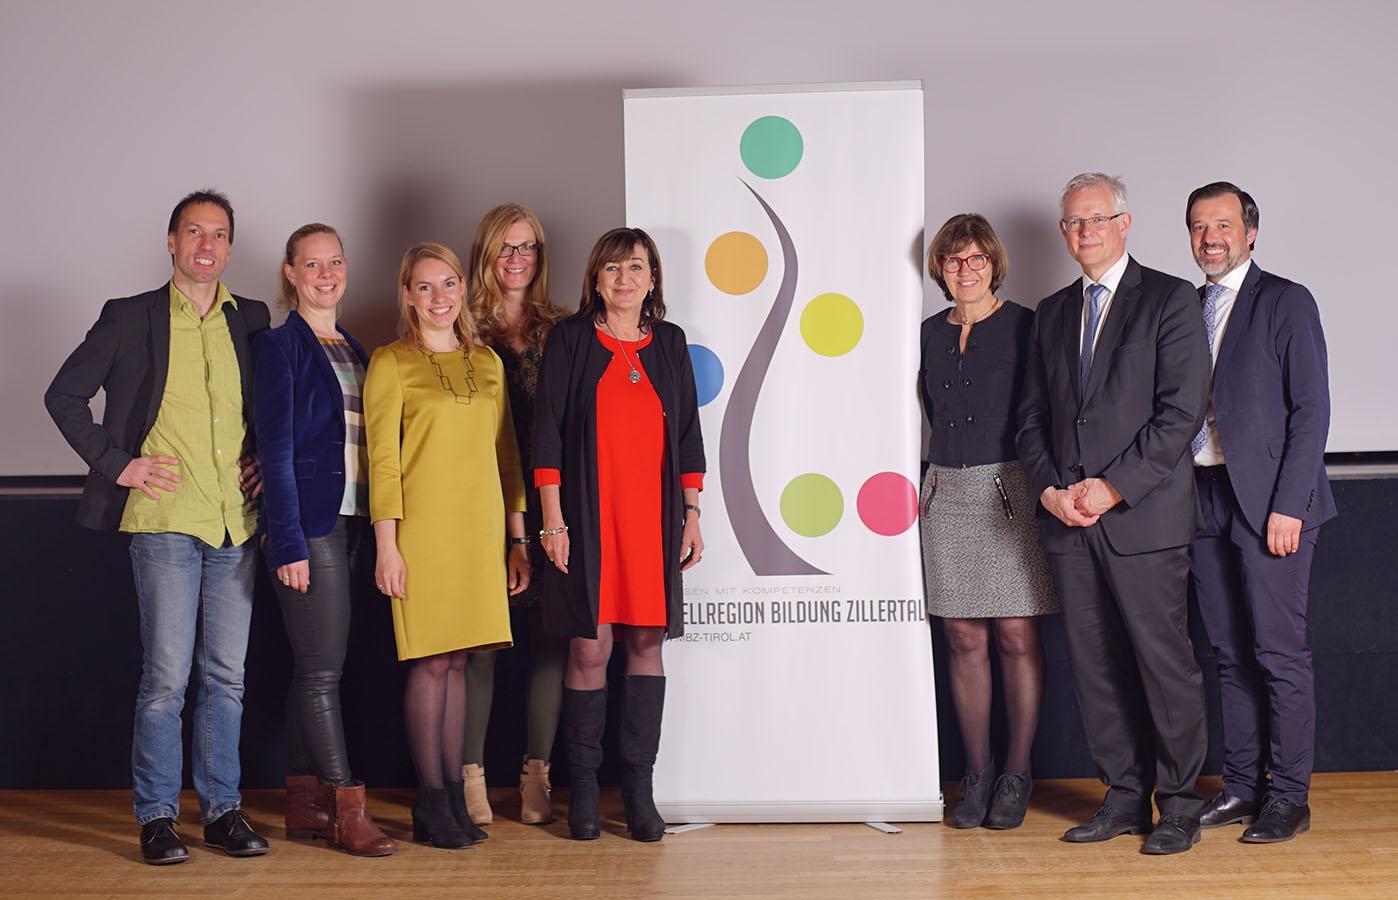 Bildungskonferenz Zillertal: Neue Impulse für die Bildung